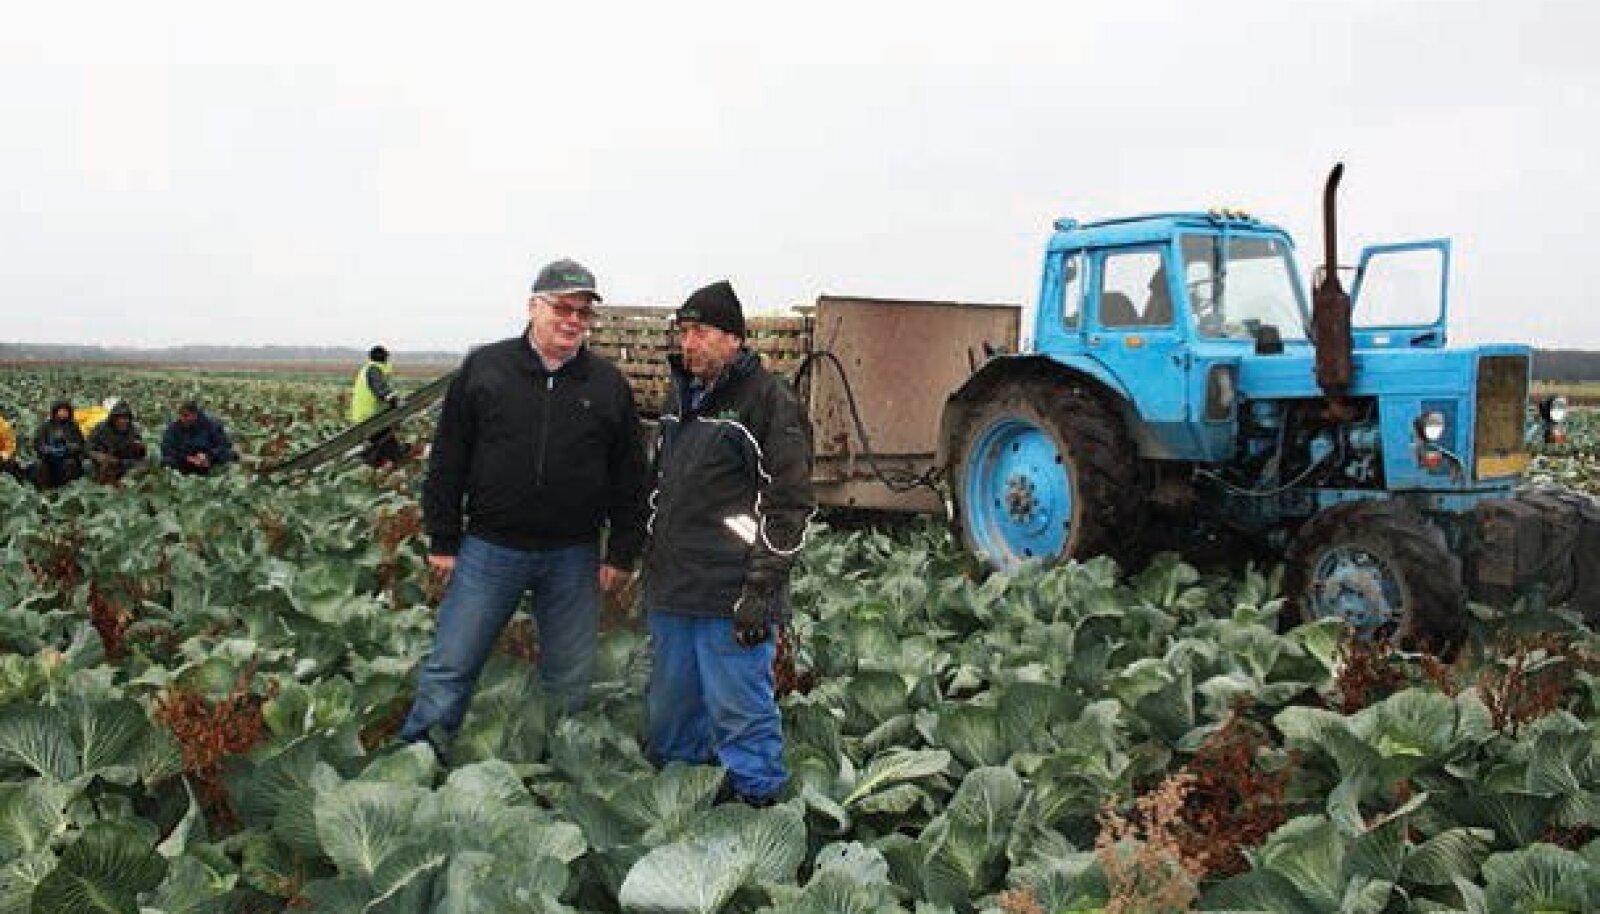 """Laagri suure köögiviljatootja Sagro juht Kalle Reiter (vasakul) hindab Vene kaubandussanktsioonide mõju pigem olematuks. """"Hinnad on küll madalad, aga nii on igal sügisel, kui on parasjagu kõige massilisem koristusperiood ja kõik tahavad ruttu kaubast laht"""